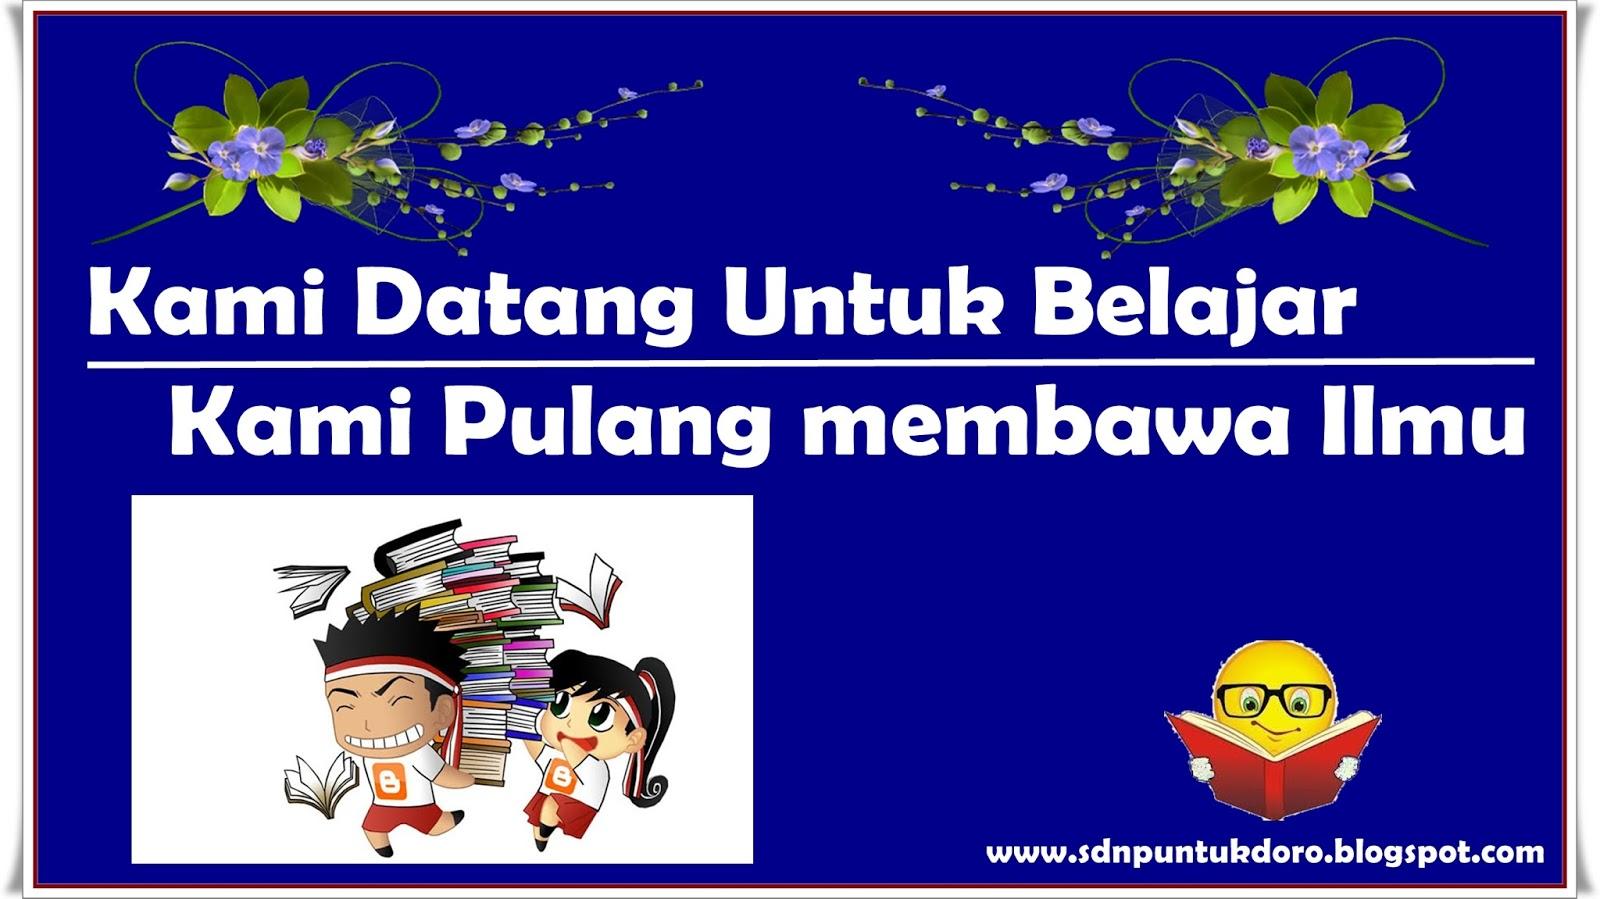 Sdn Puntukdoro 3 Kumpulan Slogan Dan Kata Mutiara Motivasi Pajangan Di Sekolah Dasar